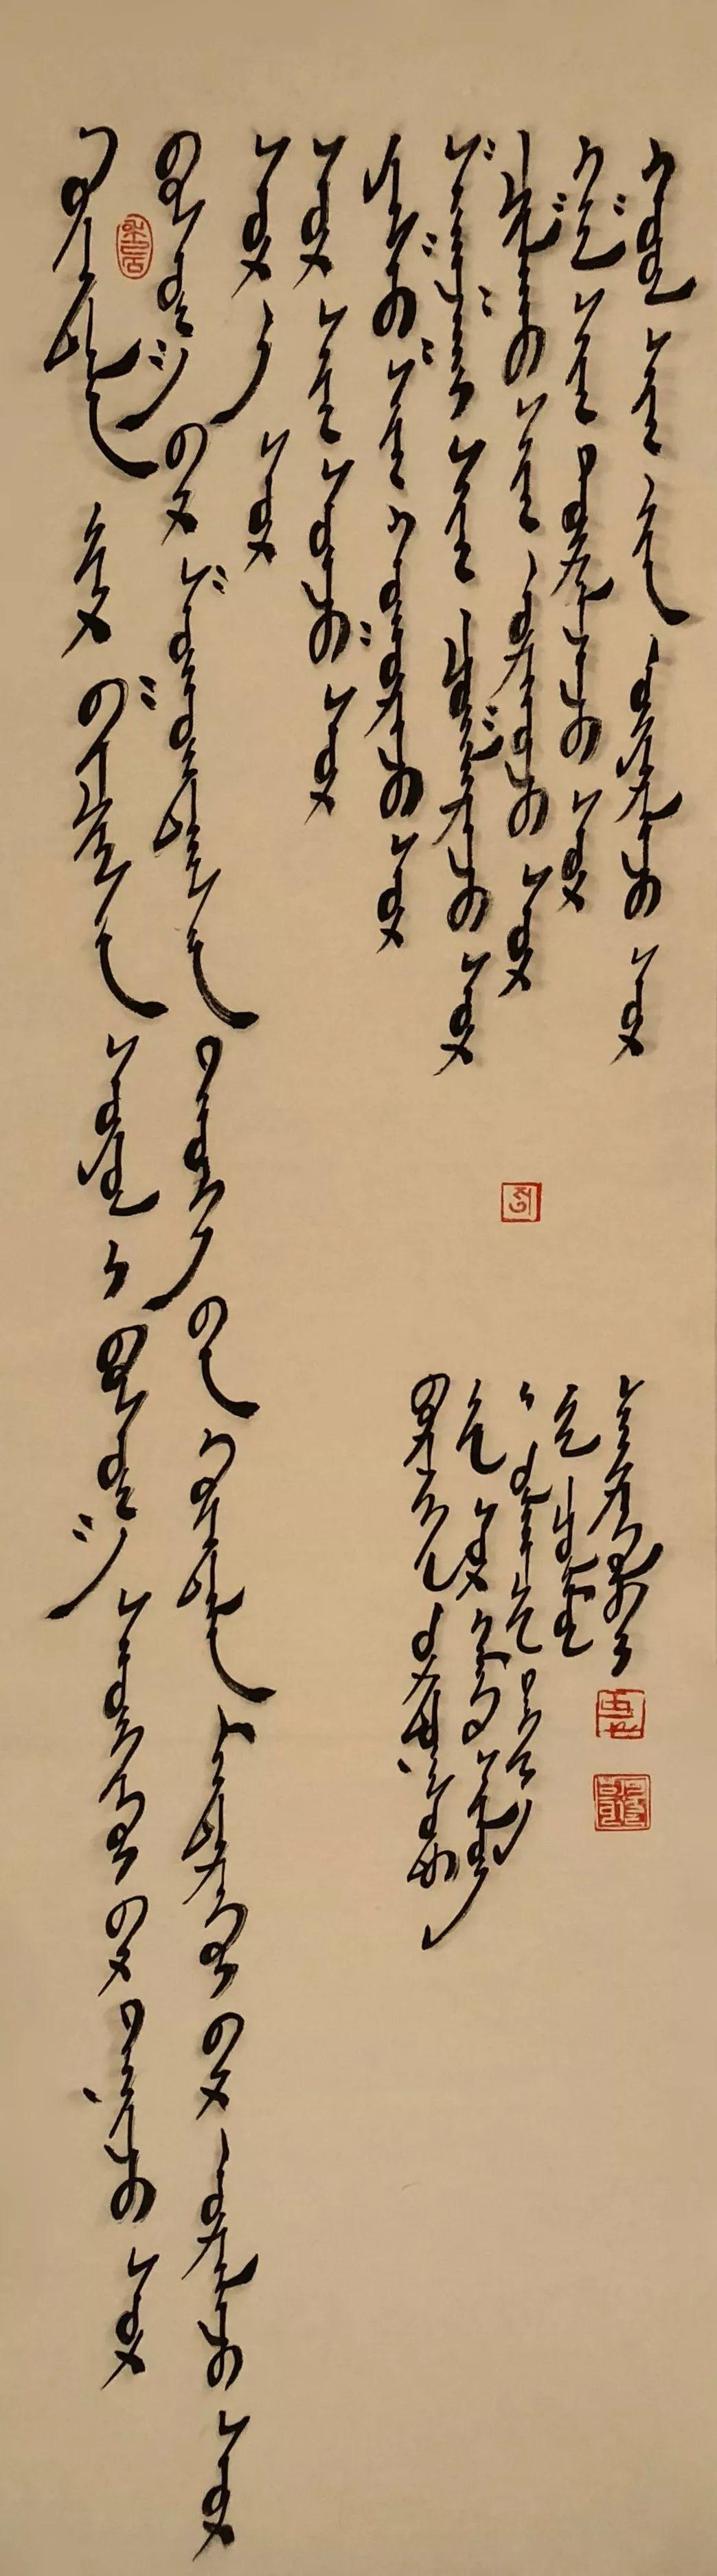 朝洛蒙  • 蒙古文书法精选【1】 第1张